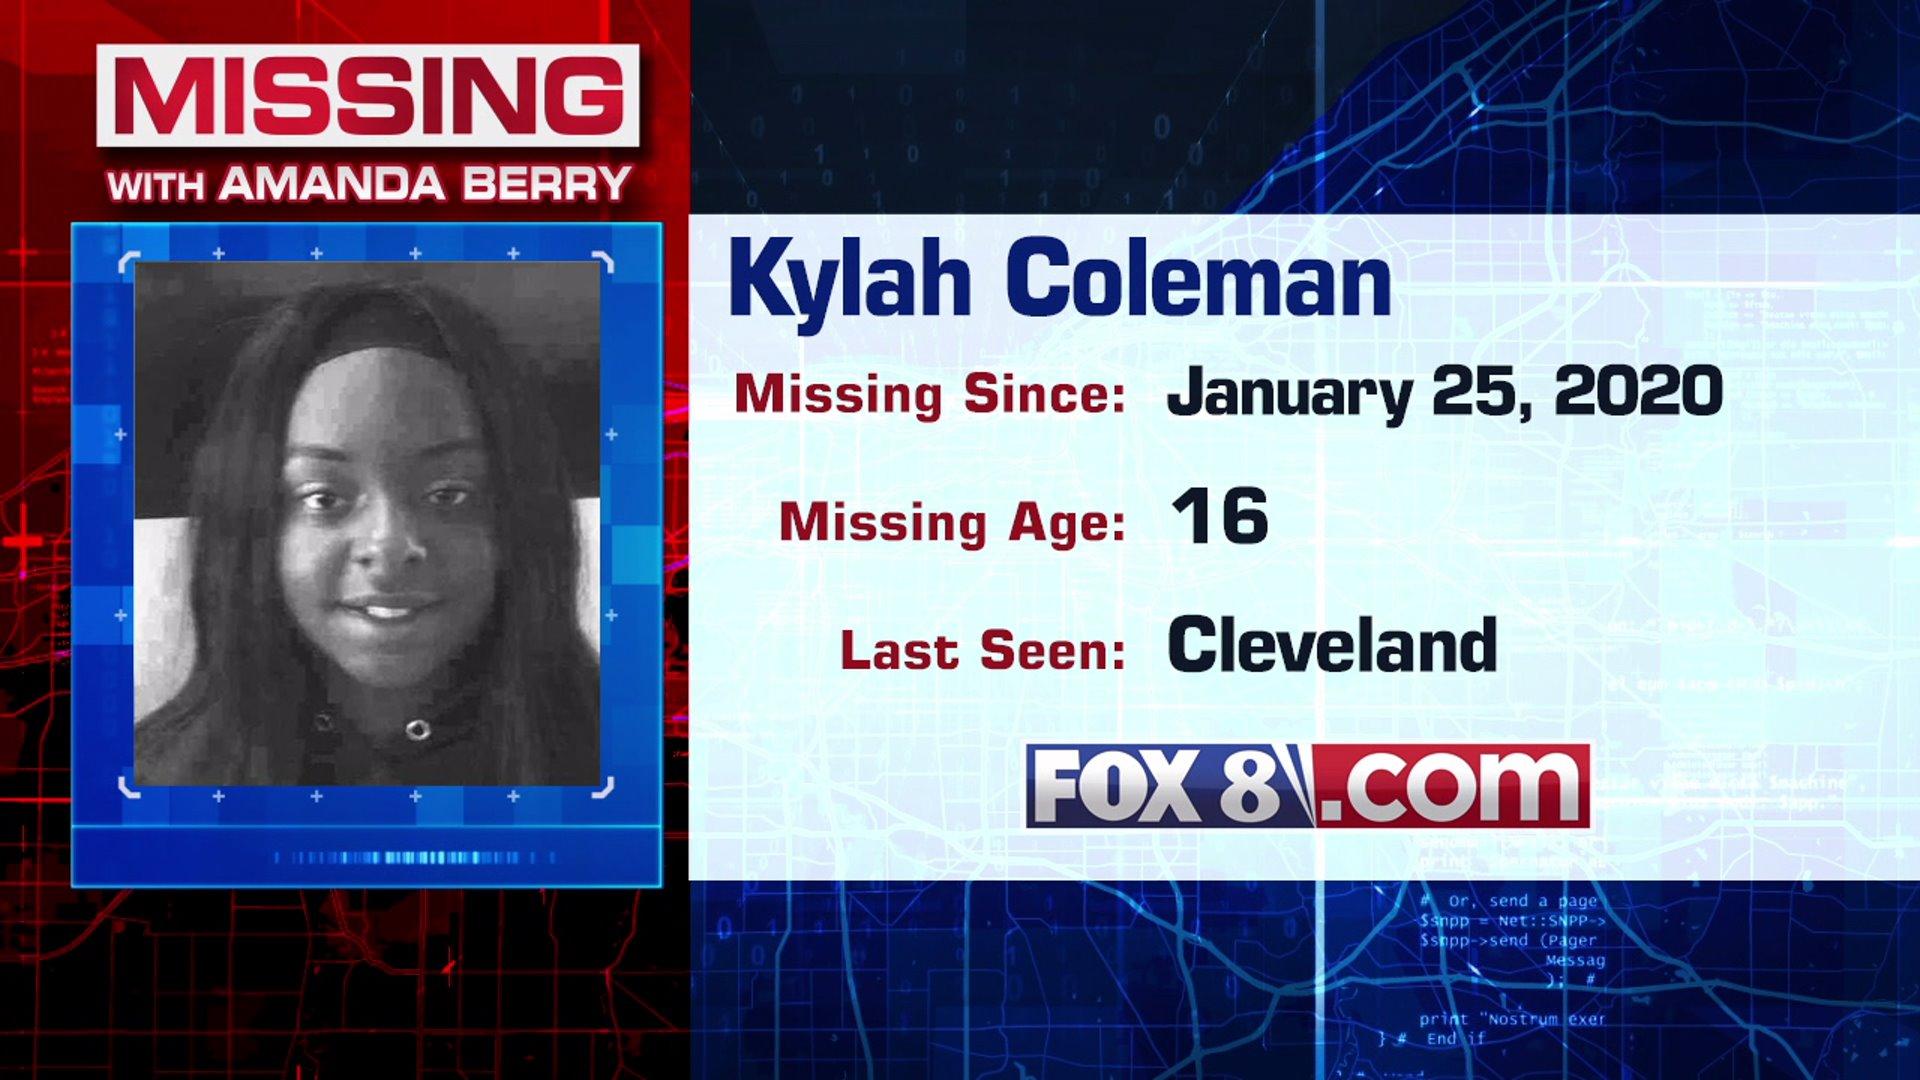 Missing Kylah Coleman